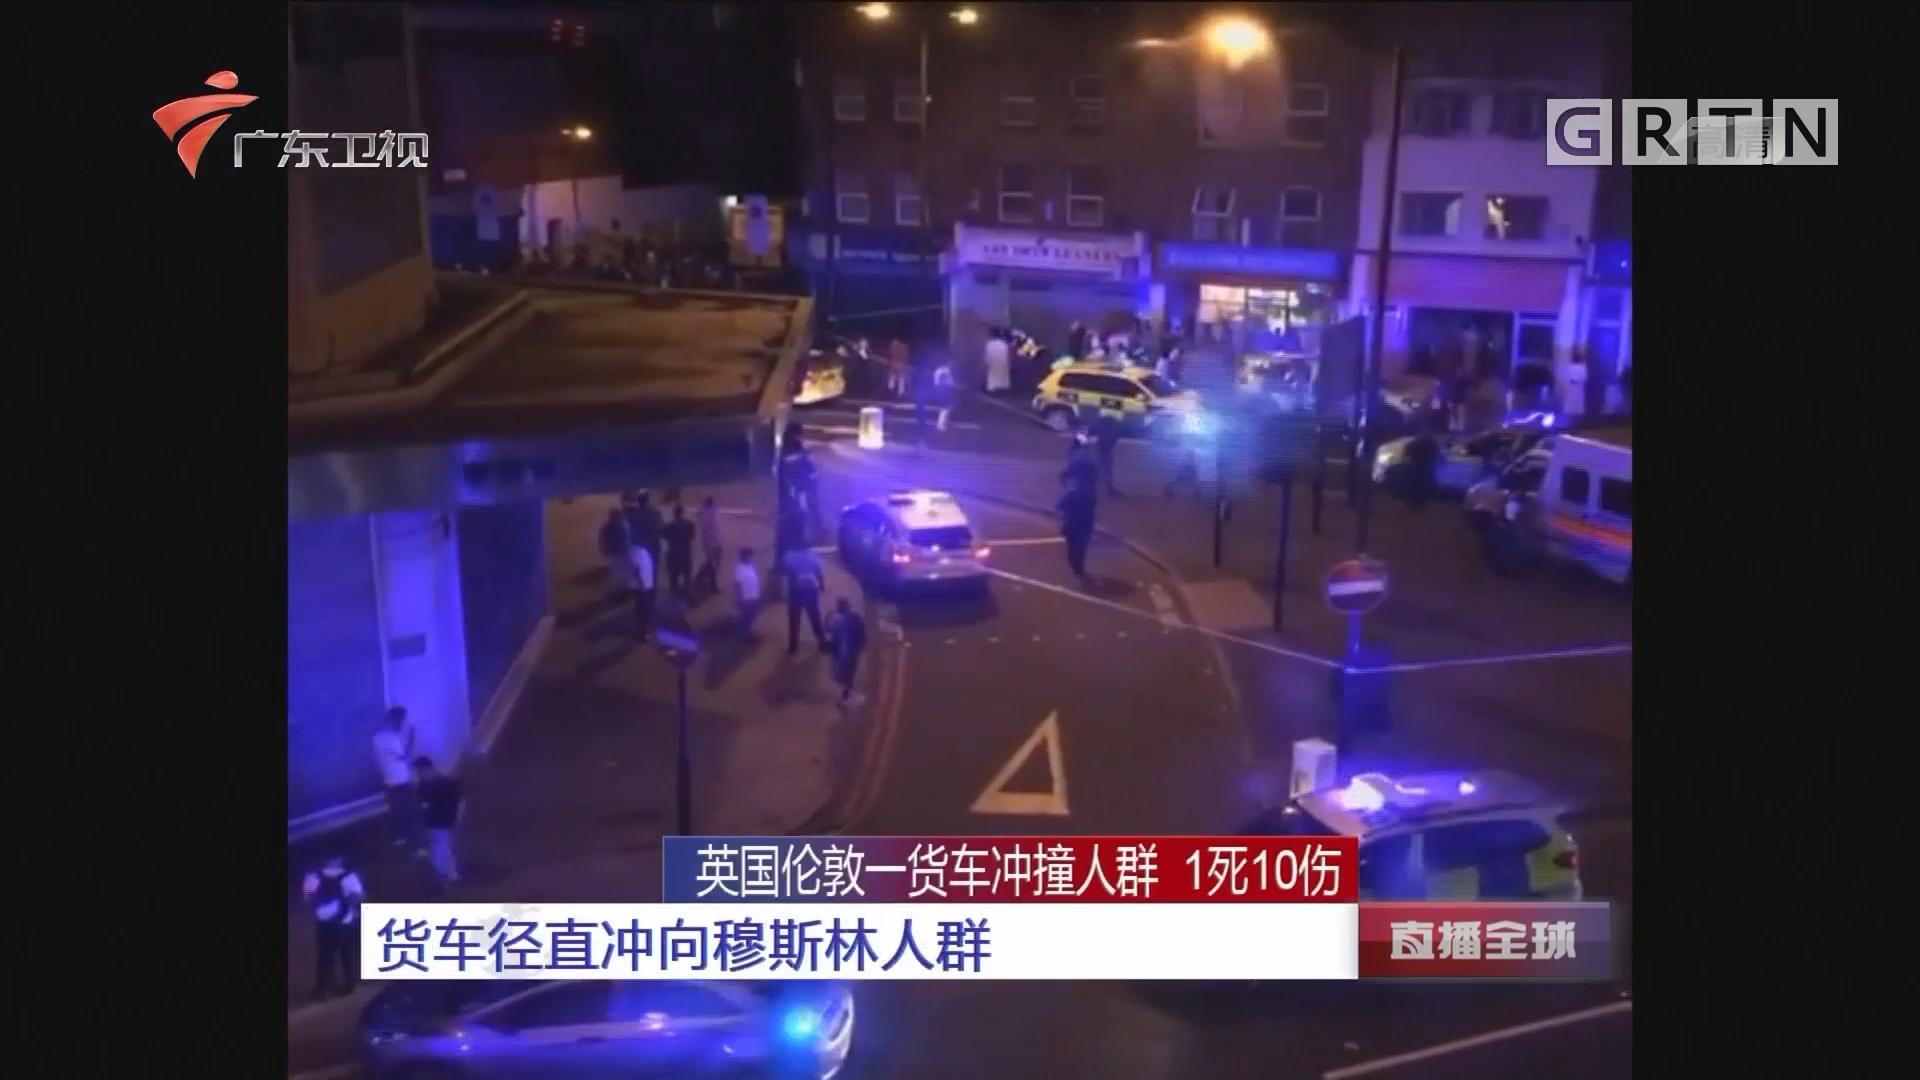 英国伦敦一货车冲撞人群:1死10伤 货车径直冲向穆斯林人群